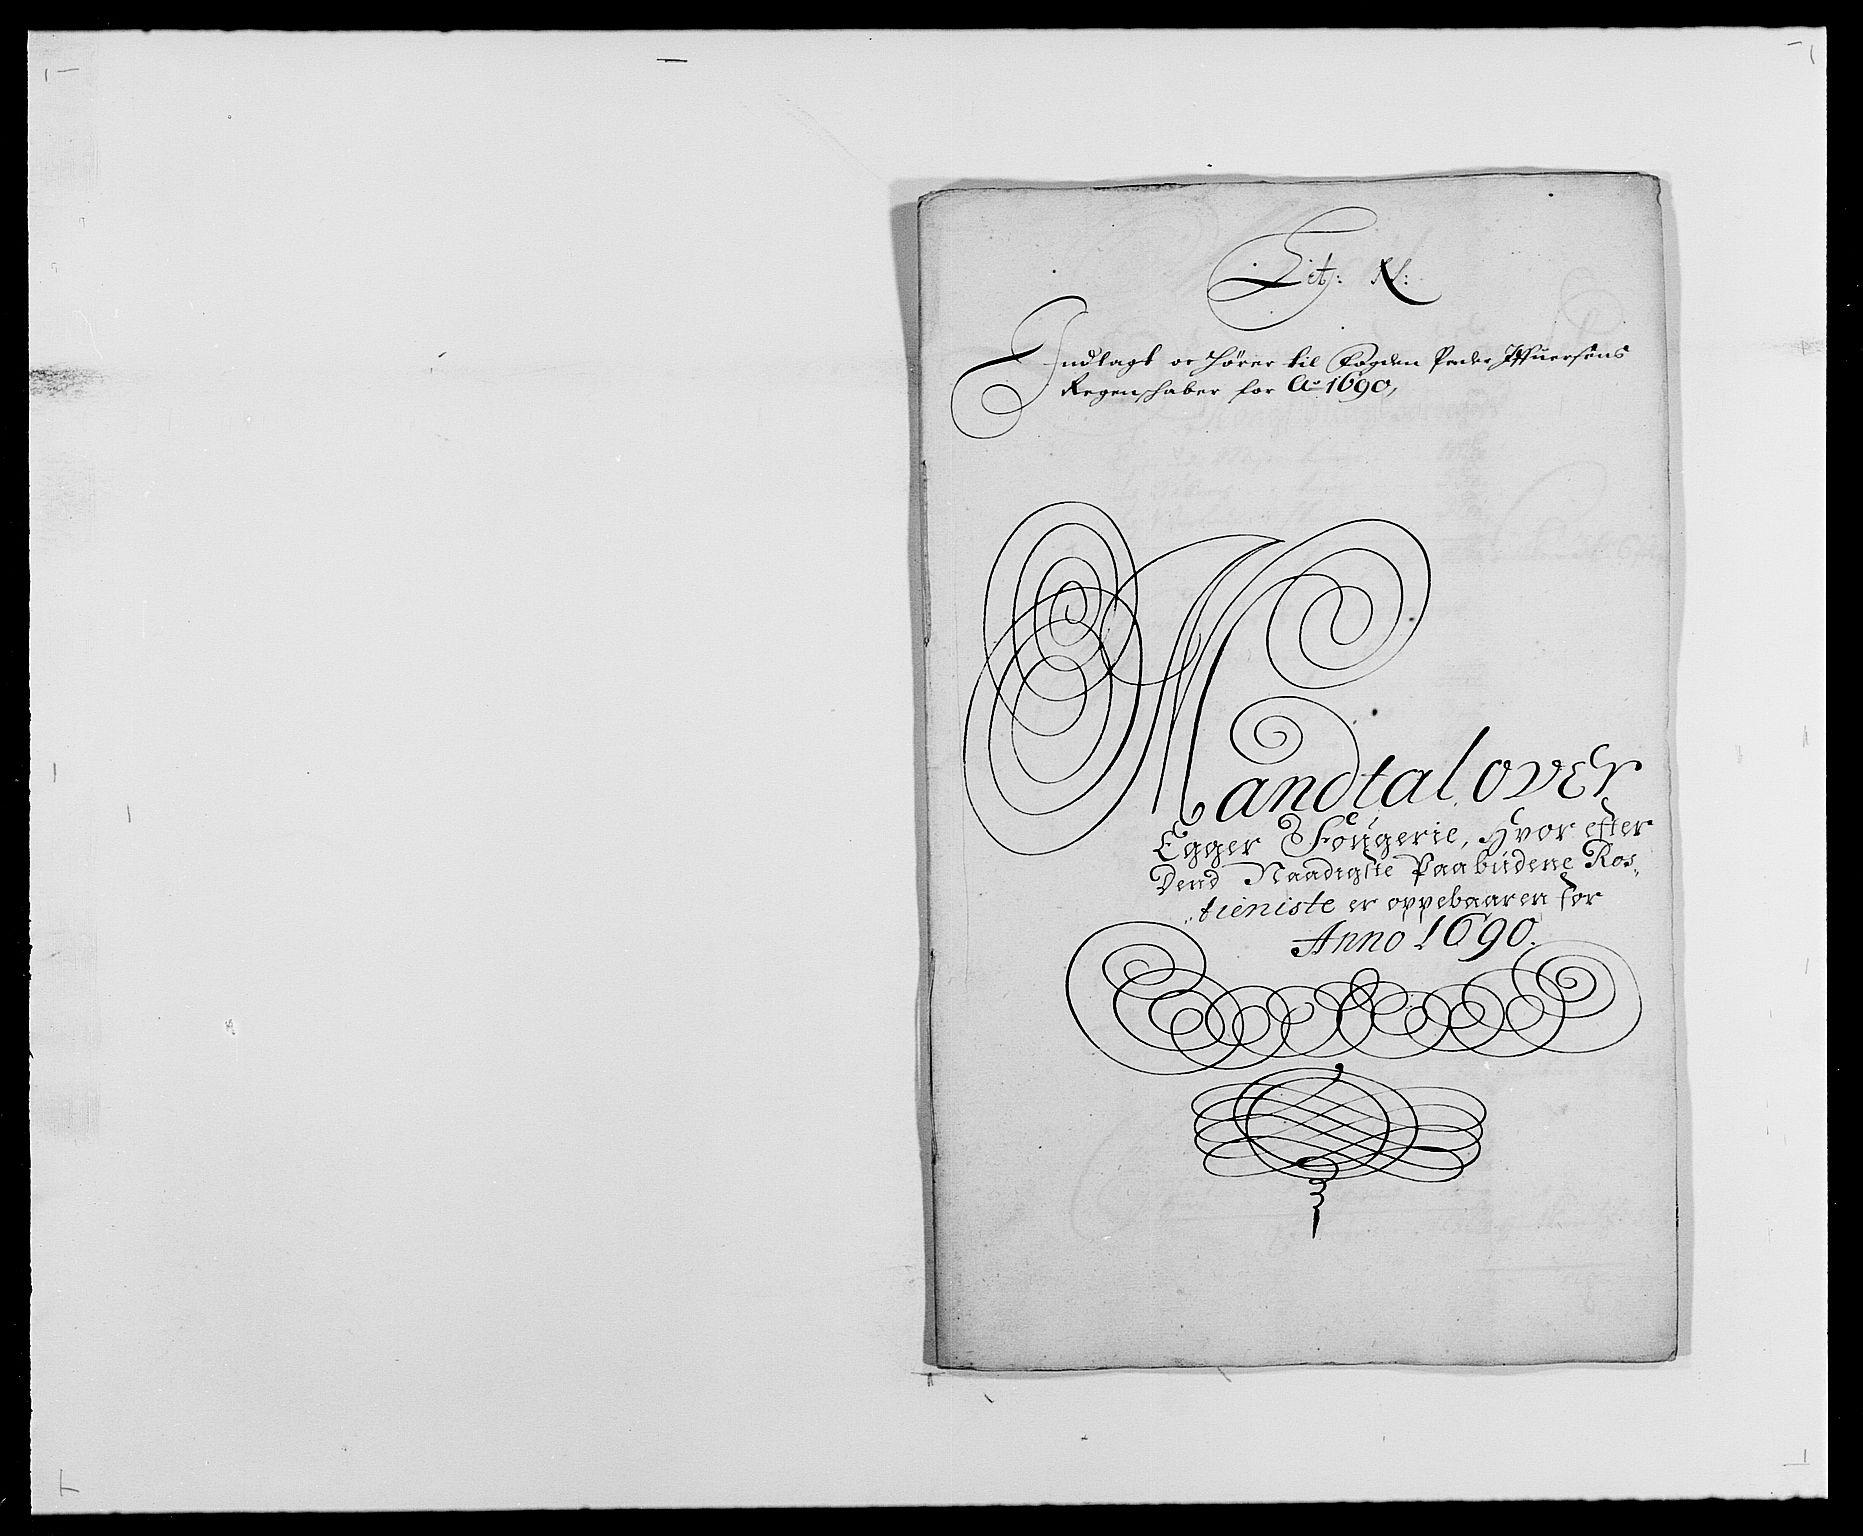 RA, Rentekammeret inntil 1814, Reviderte regnskaper, Fogderegnskap, R28/L1689: Fogderegnskap Eiker og Lier, 1690-1691, s. 127